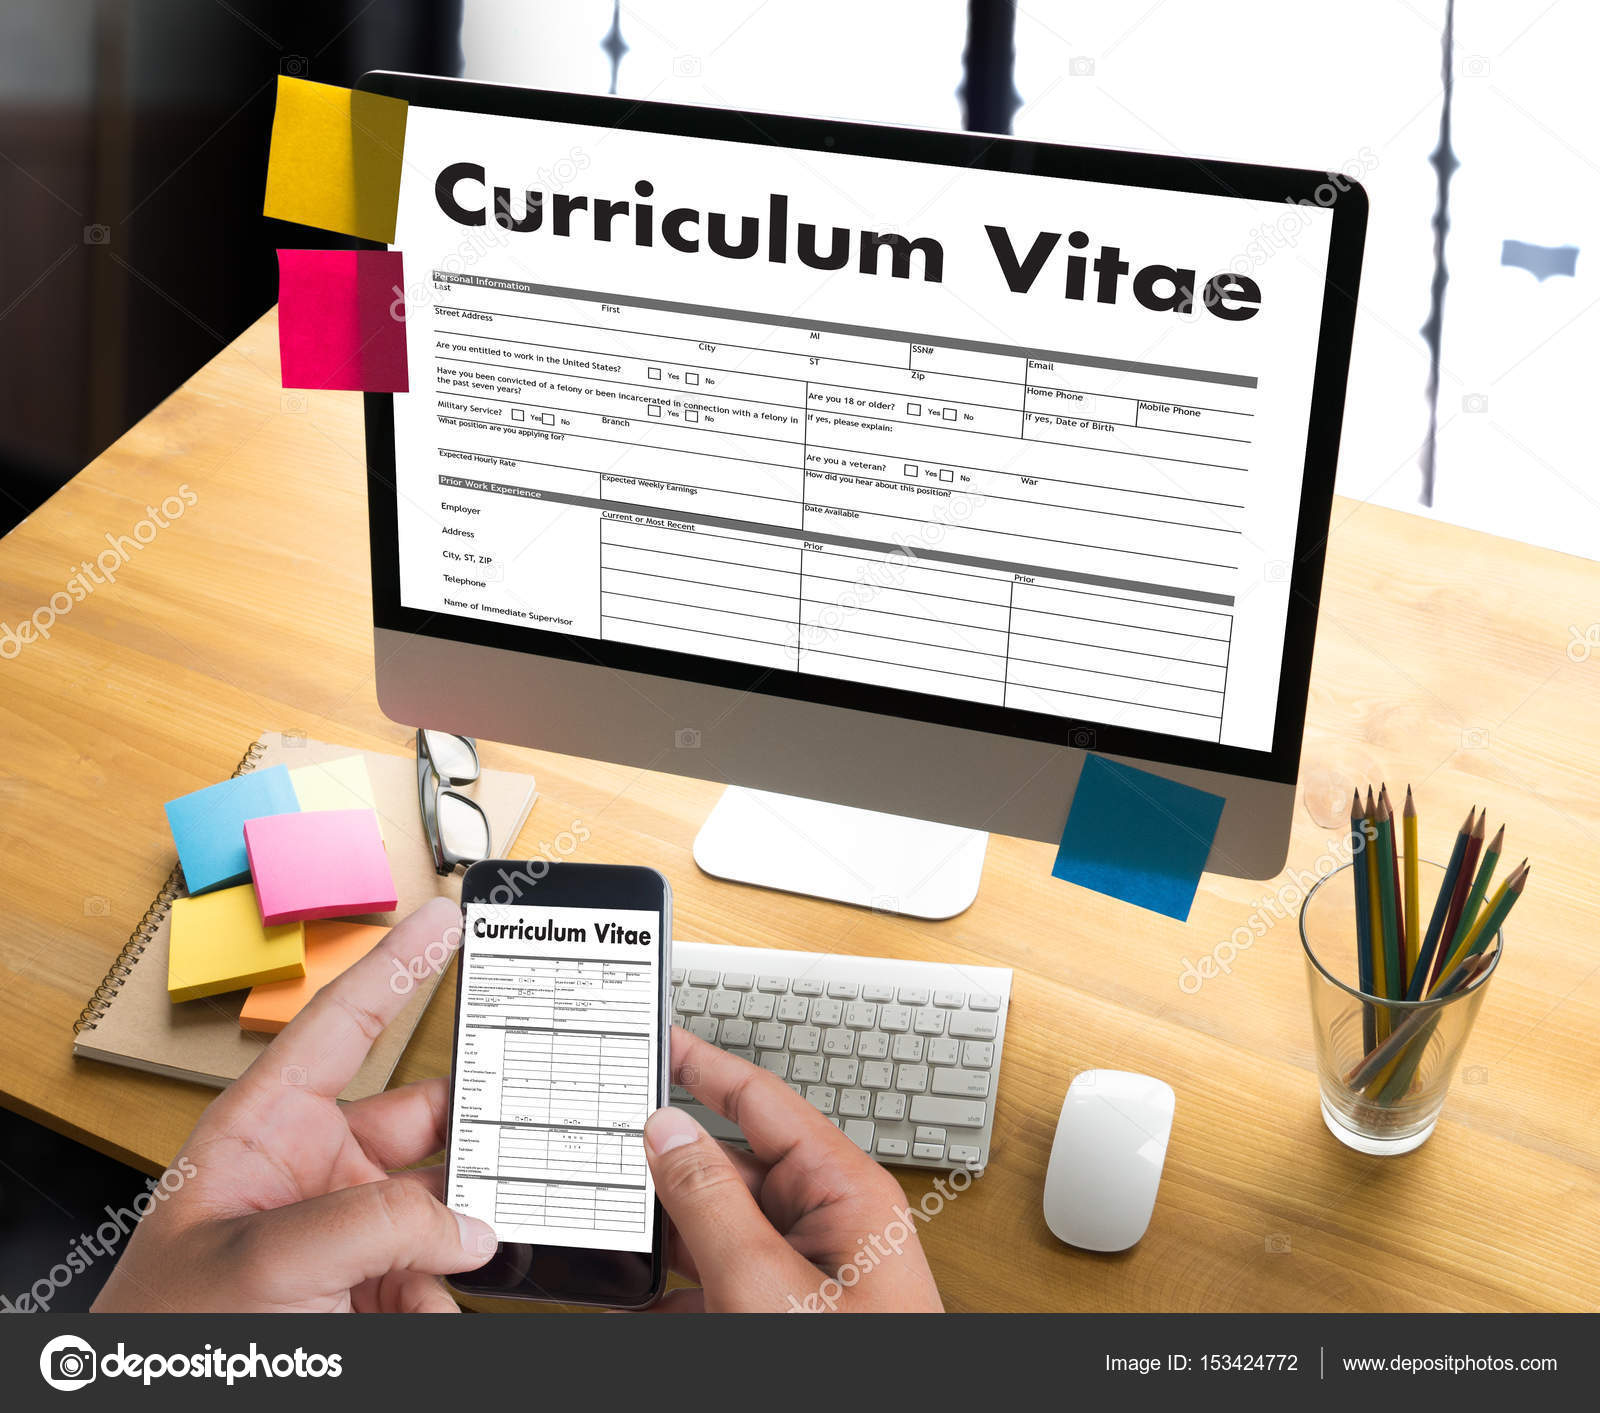 CV - Curriculum Vitae (Vorstellungsgespräch Konzept mit Cv-Geschäft ...